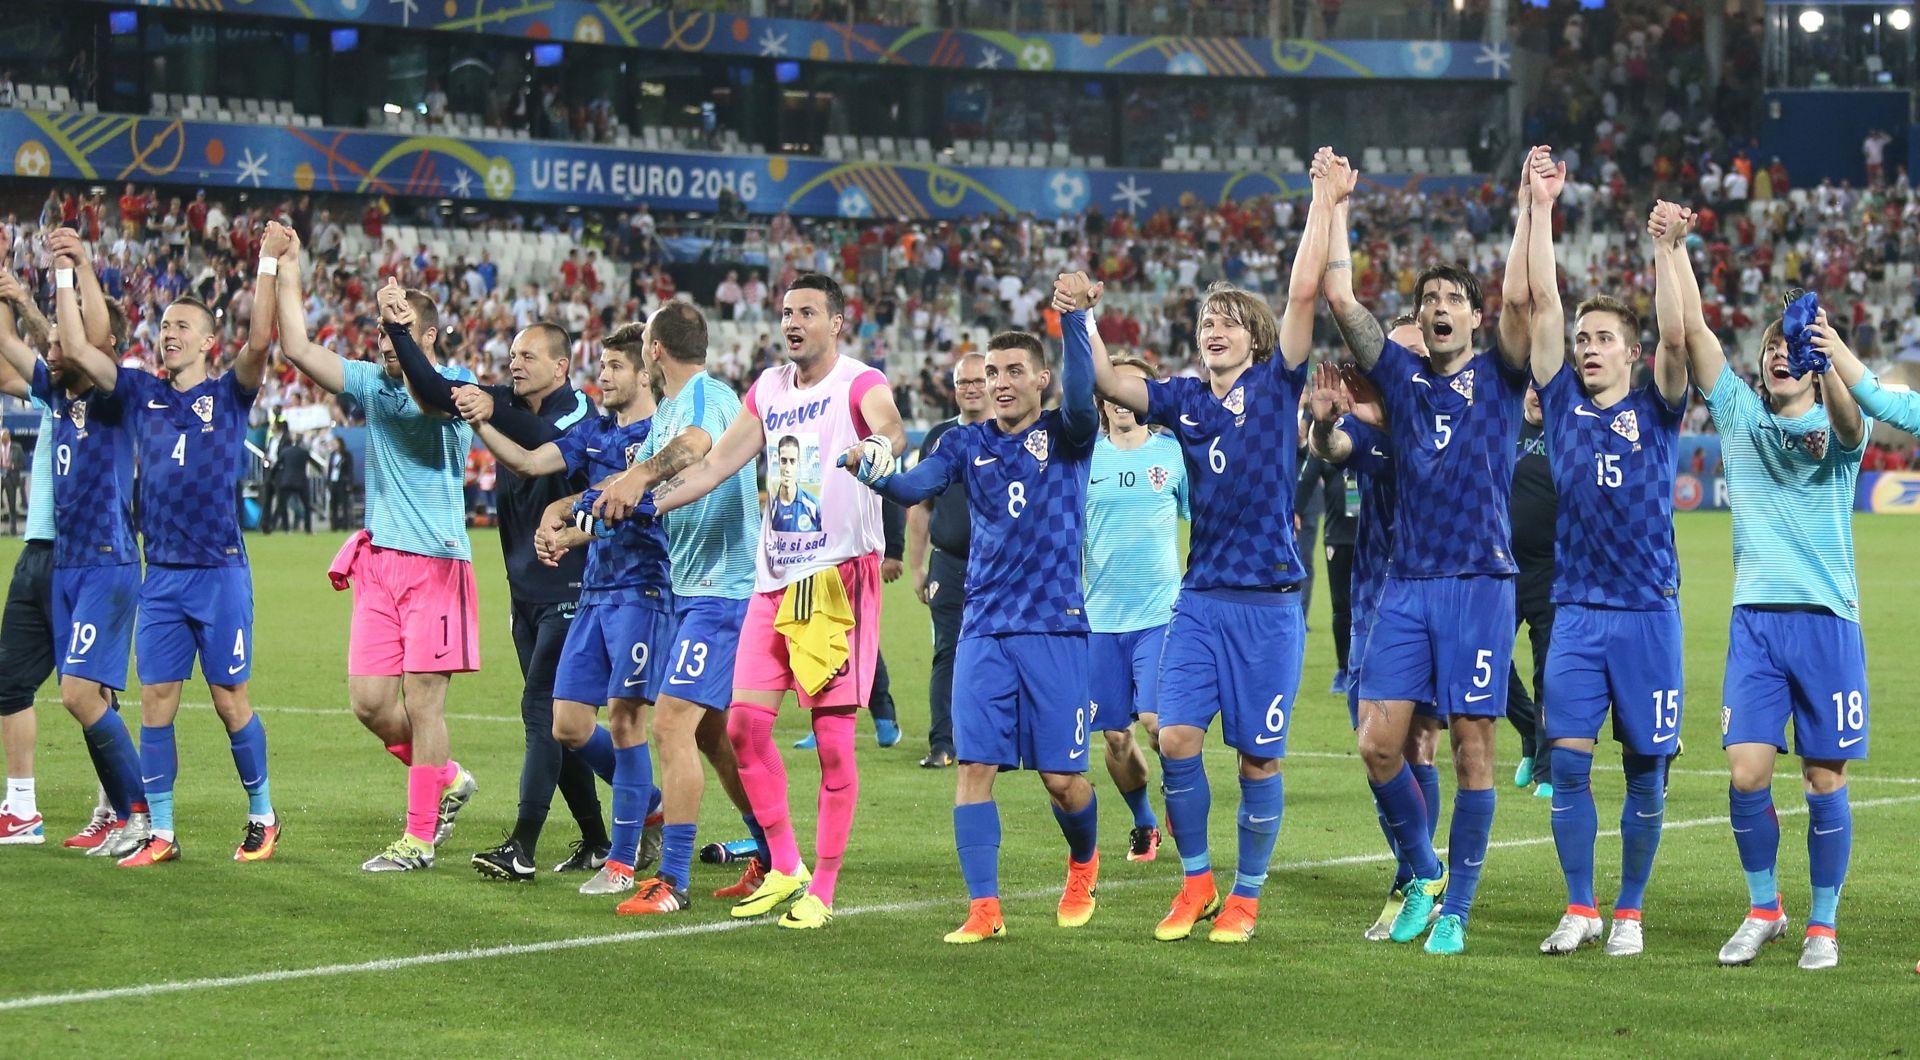 ČUDESNA VEČER U BORDEAUXU! Vatreni 'srušili' europske prvake, Hrvatska u osminu finala s prvog mjesta!